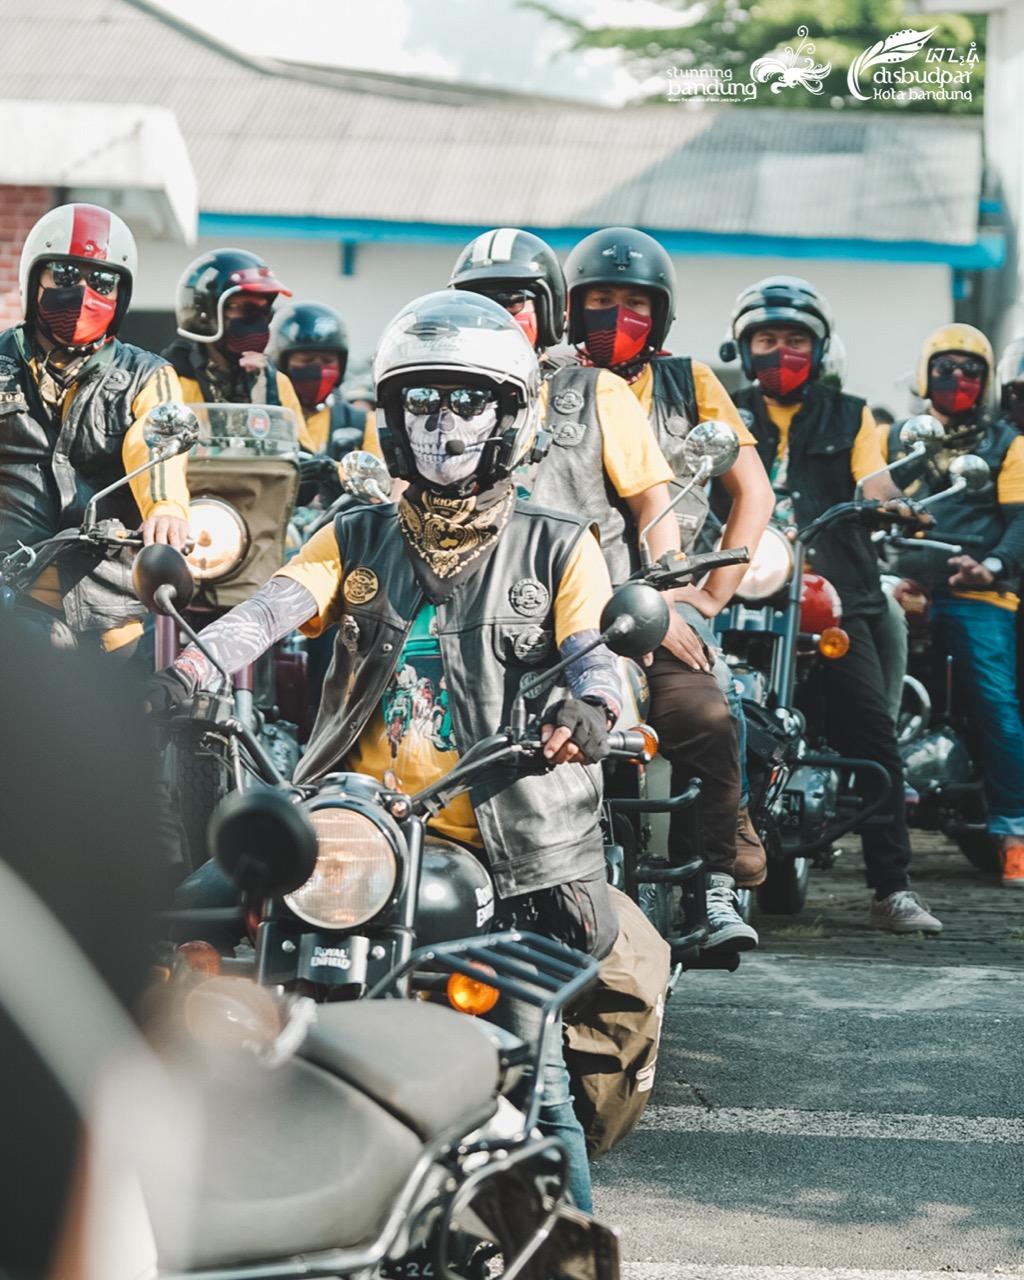 One Ride Jelajah Bandung dalam Memeriahkan Hari Jadi ke-211 Kota Bandung